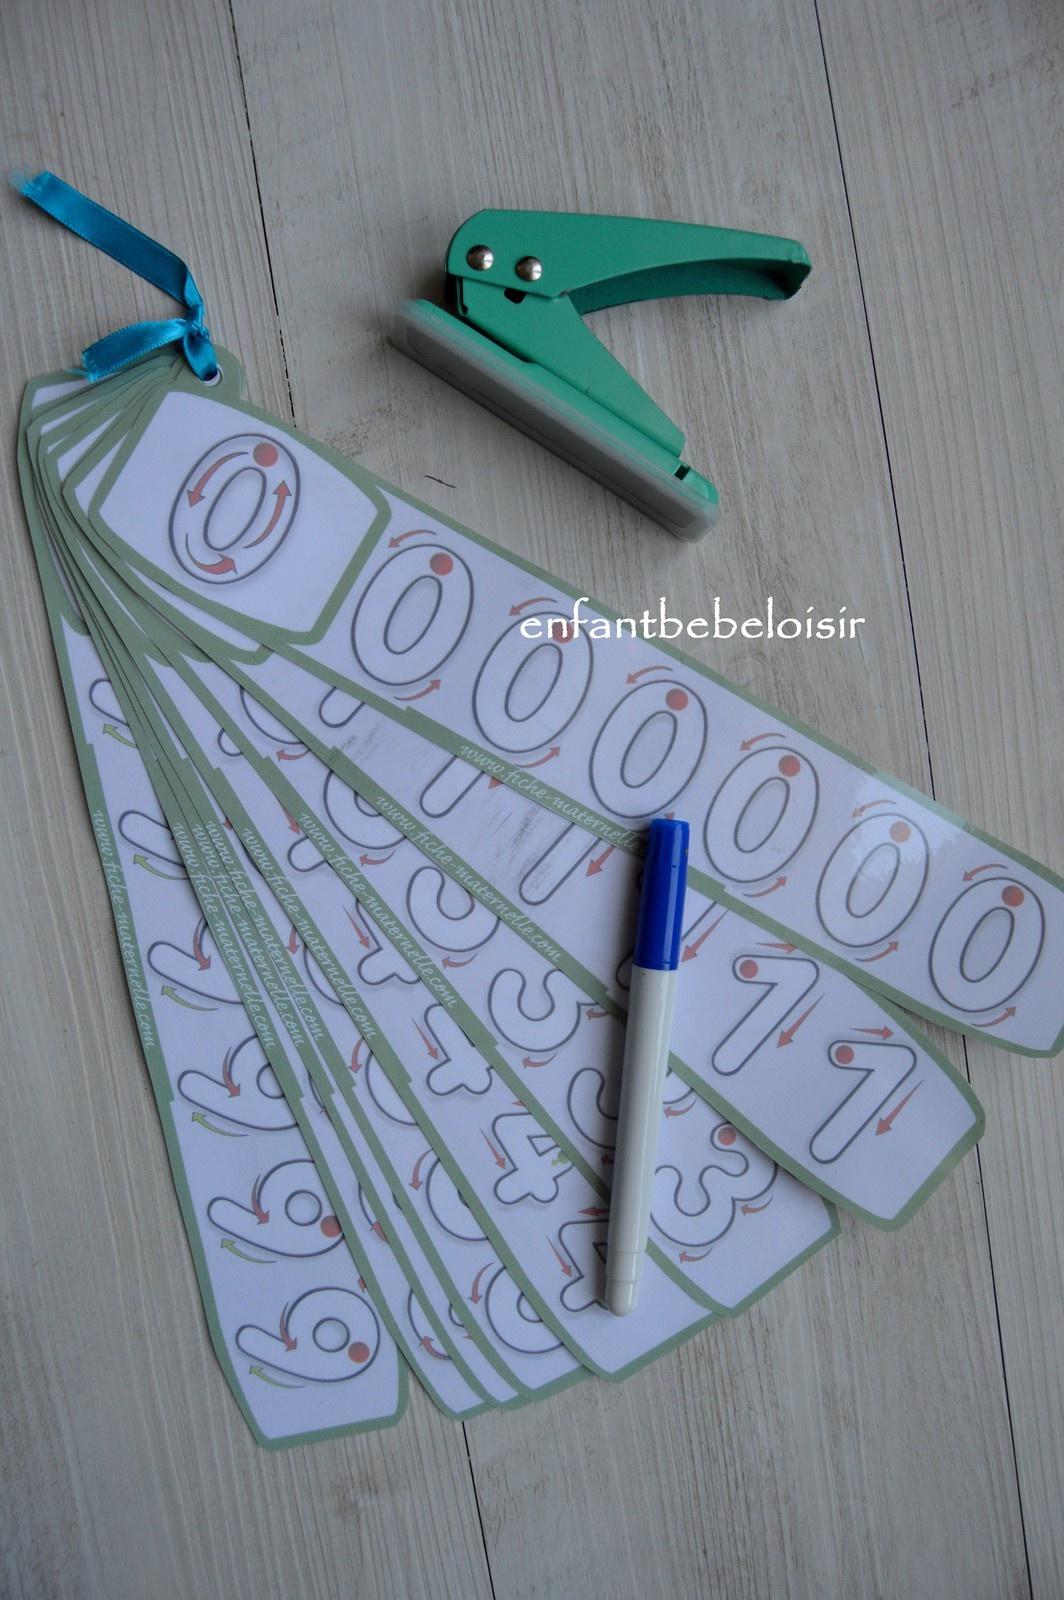 Exercice De Tracer - À Imprimer Plastifier - Enfant Bébé Loisir avec Exercice De Maternelle A Imprimer Gratuit